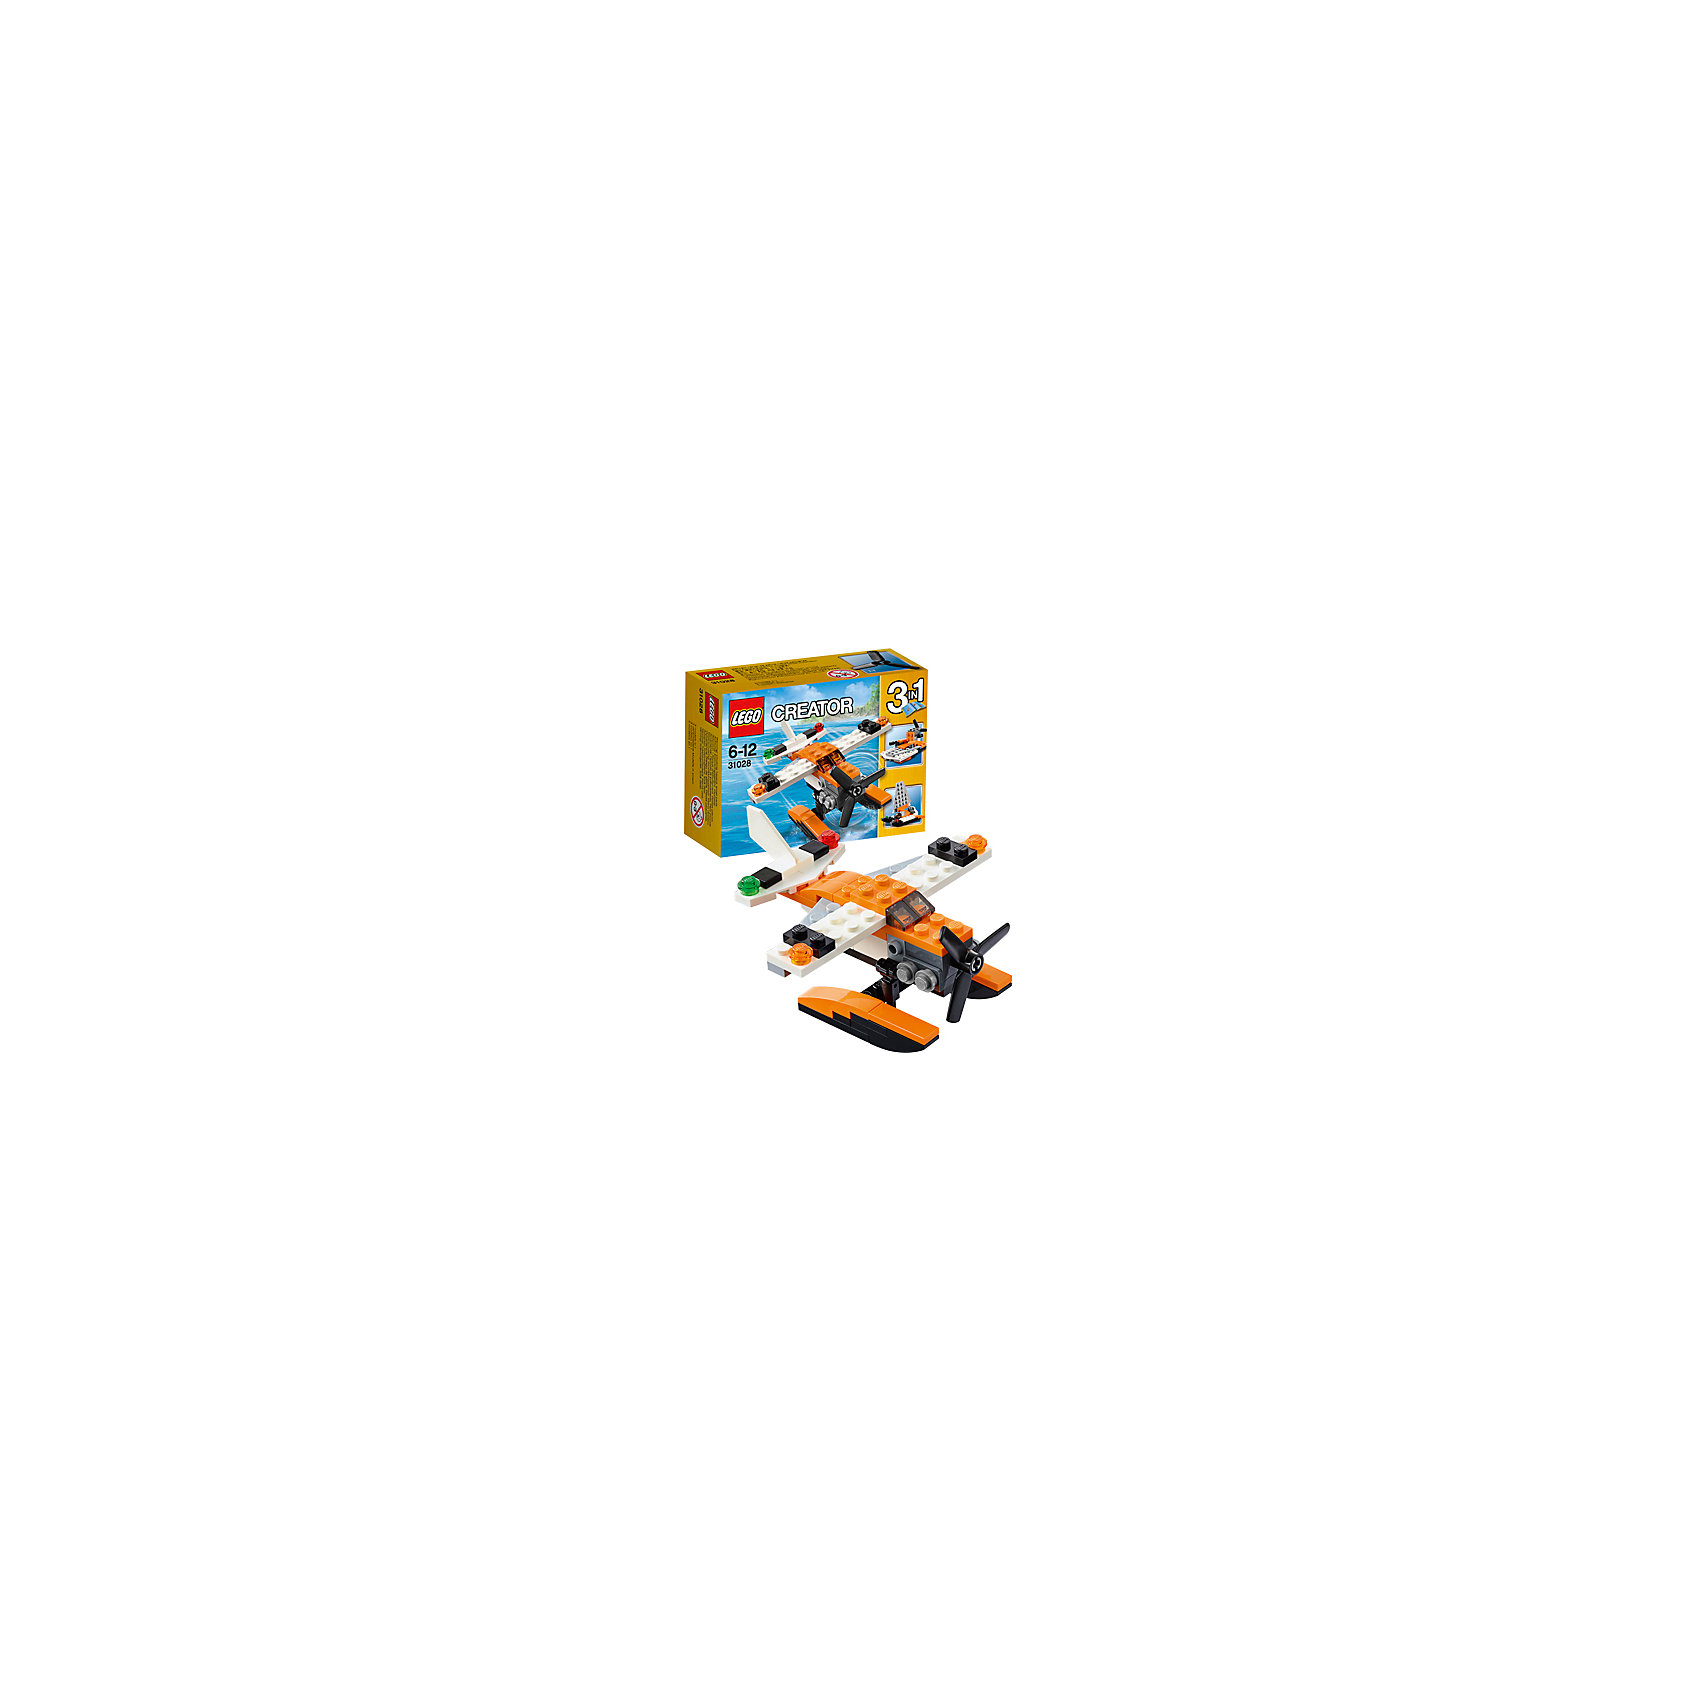 LEGO Creator 31028: ГидропланС набором LEGO Creator (ЛЕГО Криэйтор) 31028: Гидроплан ребенок сможет сконструировать сразу три варианта морского транспорта. Самолет, оснащенный водными лыжами, трансформируется в легкий прогулочный катамаран. Немного усилий — к спуску готов миниатюрный катер. Основной задачей гидроплана является патрулирование береговой линии и оказание помощи всем, кто попал в беду на воде. Это первоклассный летательный аппарат с оранжево-белым корпусом, большим трехлопастным пропеллером, детализированным двигателем, навигационными огнями на крыльях, тонированной кабиной пилота и большими поплавками на днище для приводнения практически на любой водоем. <br><br>С помощью конструкторов серии ЛЕГО Криэйтор малыш учится собственными руками создавать что-то новое, познает устройство окружающей действительности, развивает мышление и творческие навыки. Особенность этой серии в том, что у одного набора существует 3 готовых варианта сборки. Но также ребенок может проявлять собственную фантазию и собирать то, что ему захочется. В серию входят стандартные кубики, из которых можно собрать дома, автомобили и многое другое. Все выпускаемые конструкторы ЛЕГО Криэйтор  взаимозаменяемы, поэтому детали от любого набора прекрасно подойдут к уже имеющемуся конструктору.<br><br>Дополнительная информация:<br>-Размер упаковки: 12,2x9,1x4,7 см<br>-Размер самолета на водных лыжах: 5 х 10 х 9 см<br>-Размер катера: 5 х 8 х 4 см<br>-Размер катамарана: 8 х 8 х 4 см<br>-Вес: 0,07 кг<br>-Деталей: 53 шт.<br>-Материал: пластик<br>-Весь набор упакован в фирменную картонную коробку ЛЕГО<br><br>LEGO Creator (ЛЕГО Криэйтор)31028: Гидроплан можно купить в нашем магазине.<br><br>Ширина мм: 124<br>Глубина мм: 91<br>Высота мм: 48<br>Вес г: 76<br>Возраст от месяцев: 72<br>Возраст до месяцев: 144<br>Пол: Мужской<br>Возраст: Детский<br>SKU: 3786108